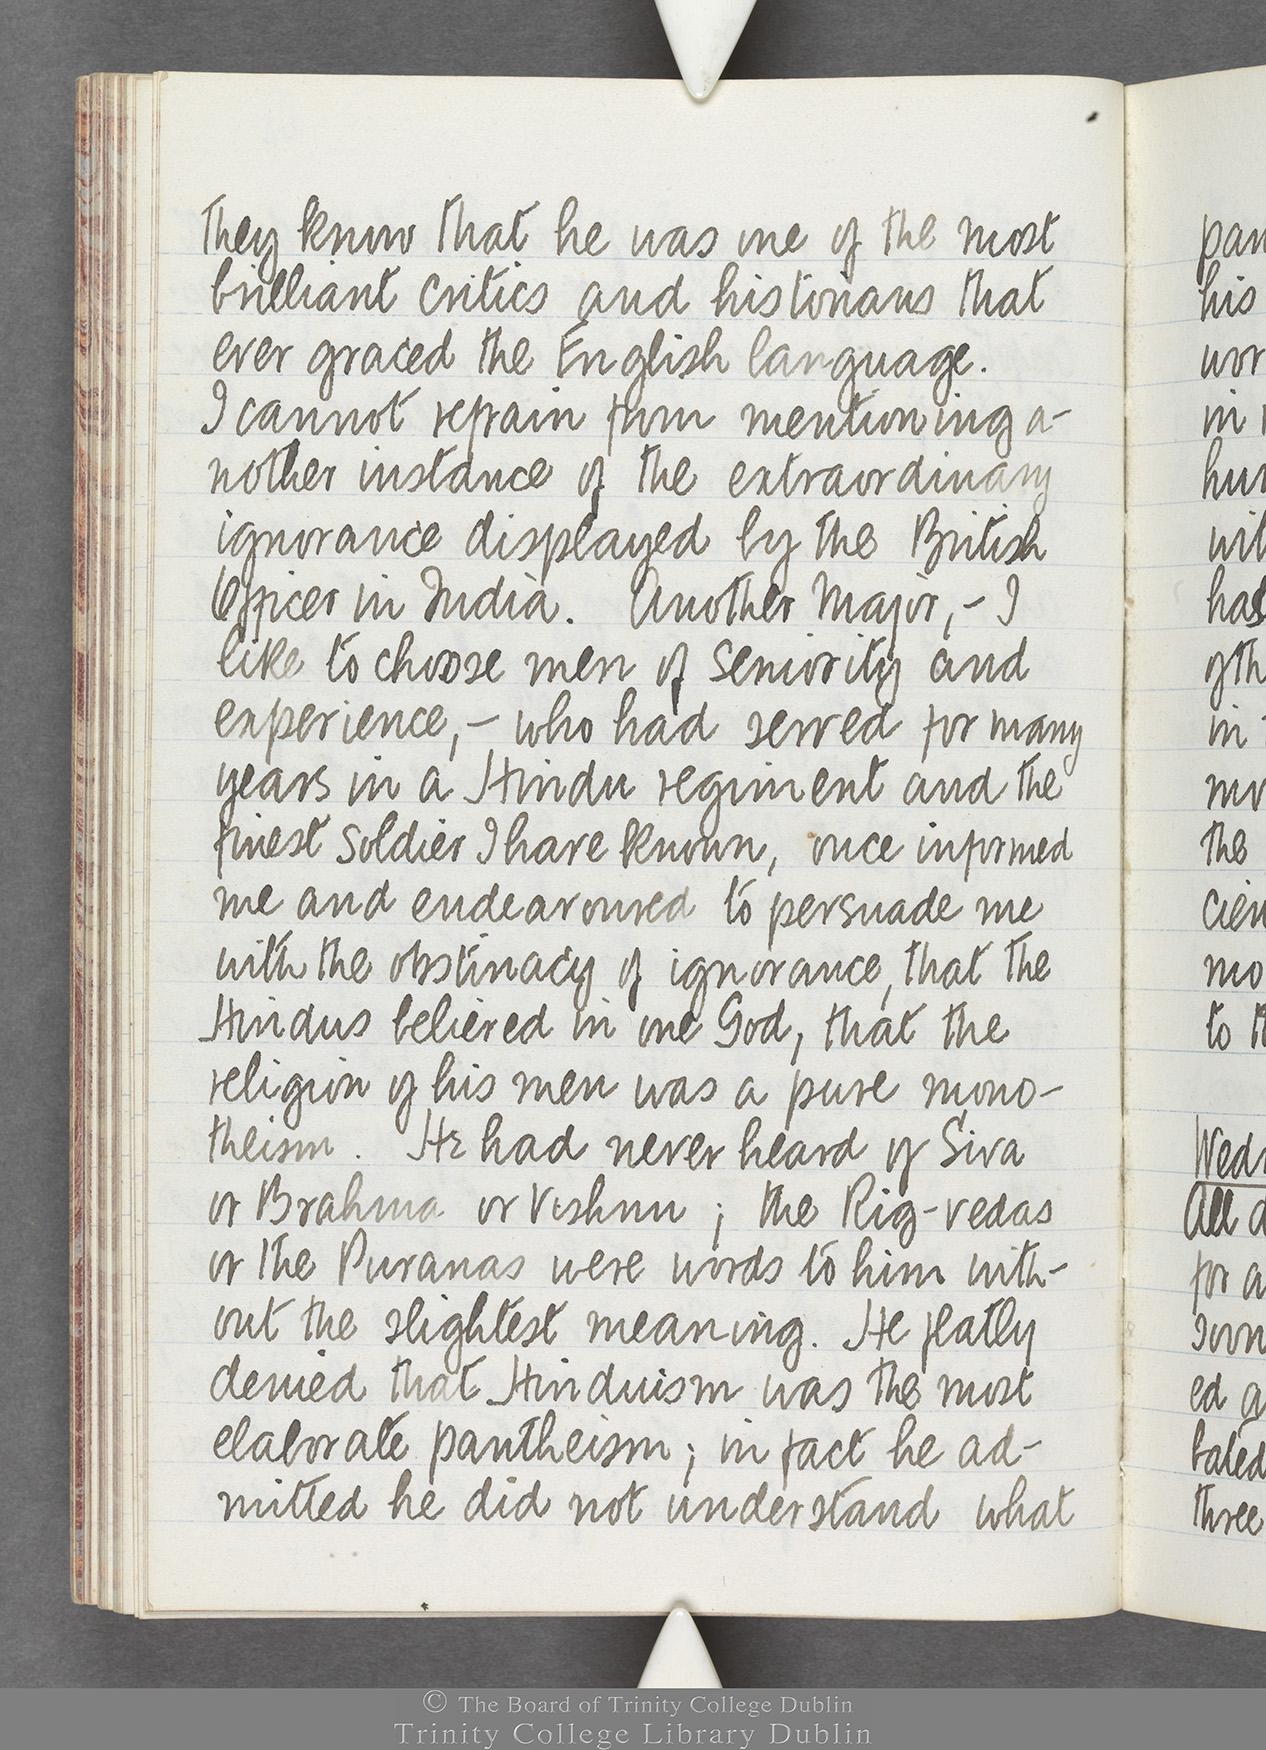 TCD MS 10516 folio 48 verso